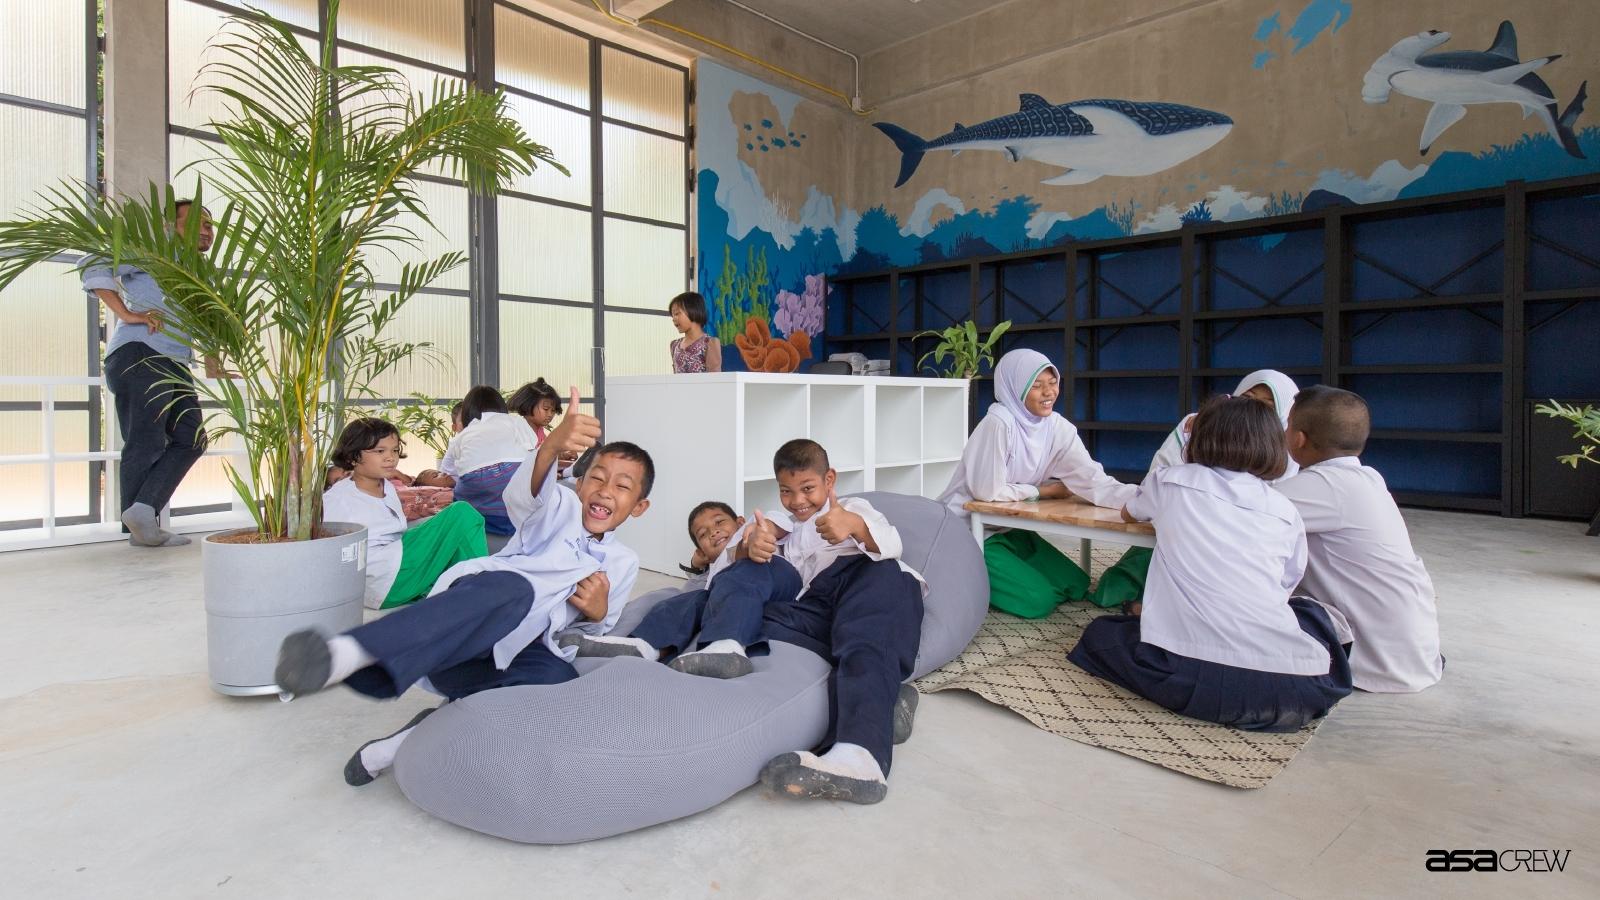 โรงเรียนบ้านคลองบอน: พื้นที่เรียนรู้สร้างสรรค์จากภาพวาดเพื่อสร้างภาพฝัน